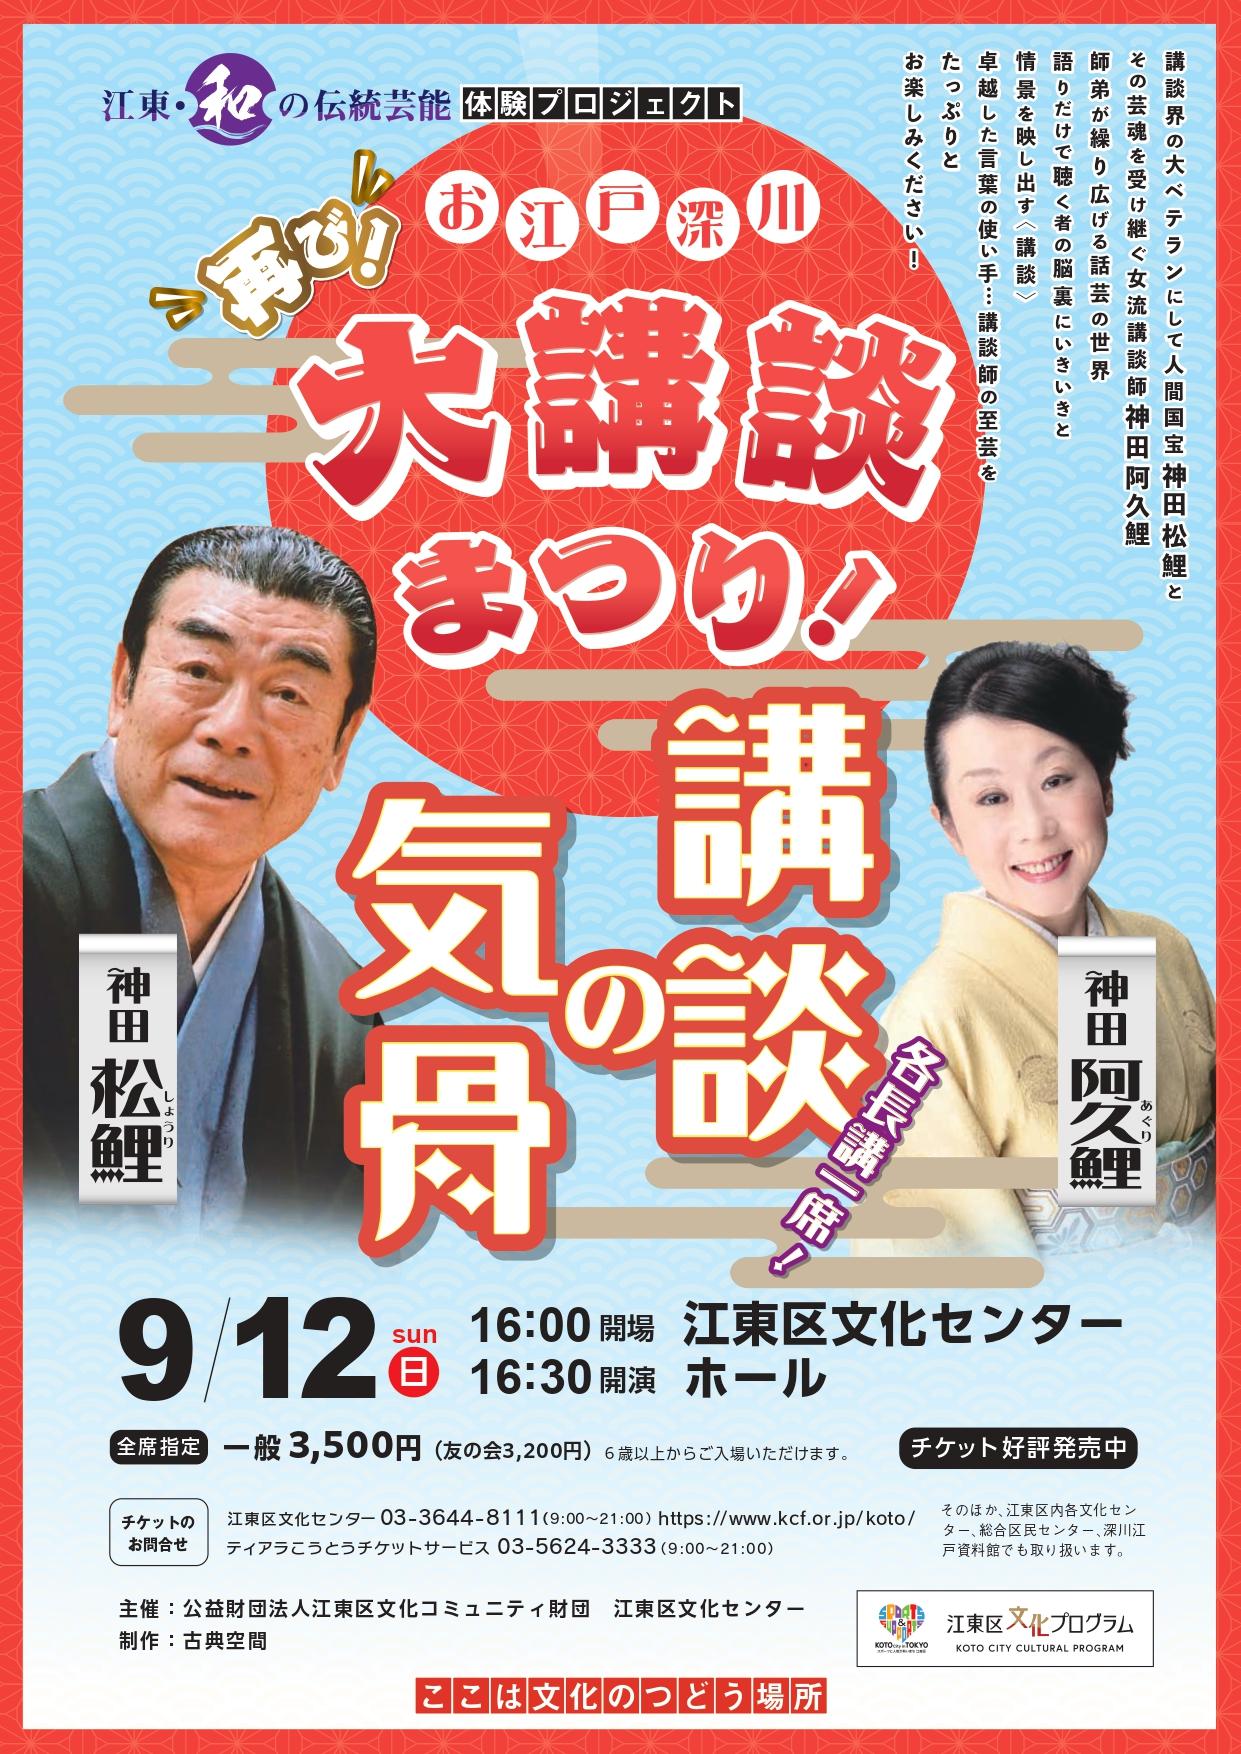 江東・和の伝統芸能体験プロジェクト『お江戸深川大講談まつり 再び! 講談の気骨』 ←開催見送りとなりました